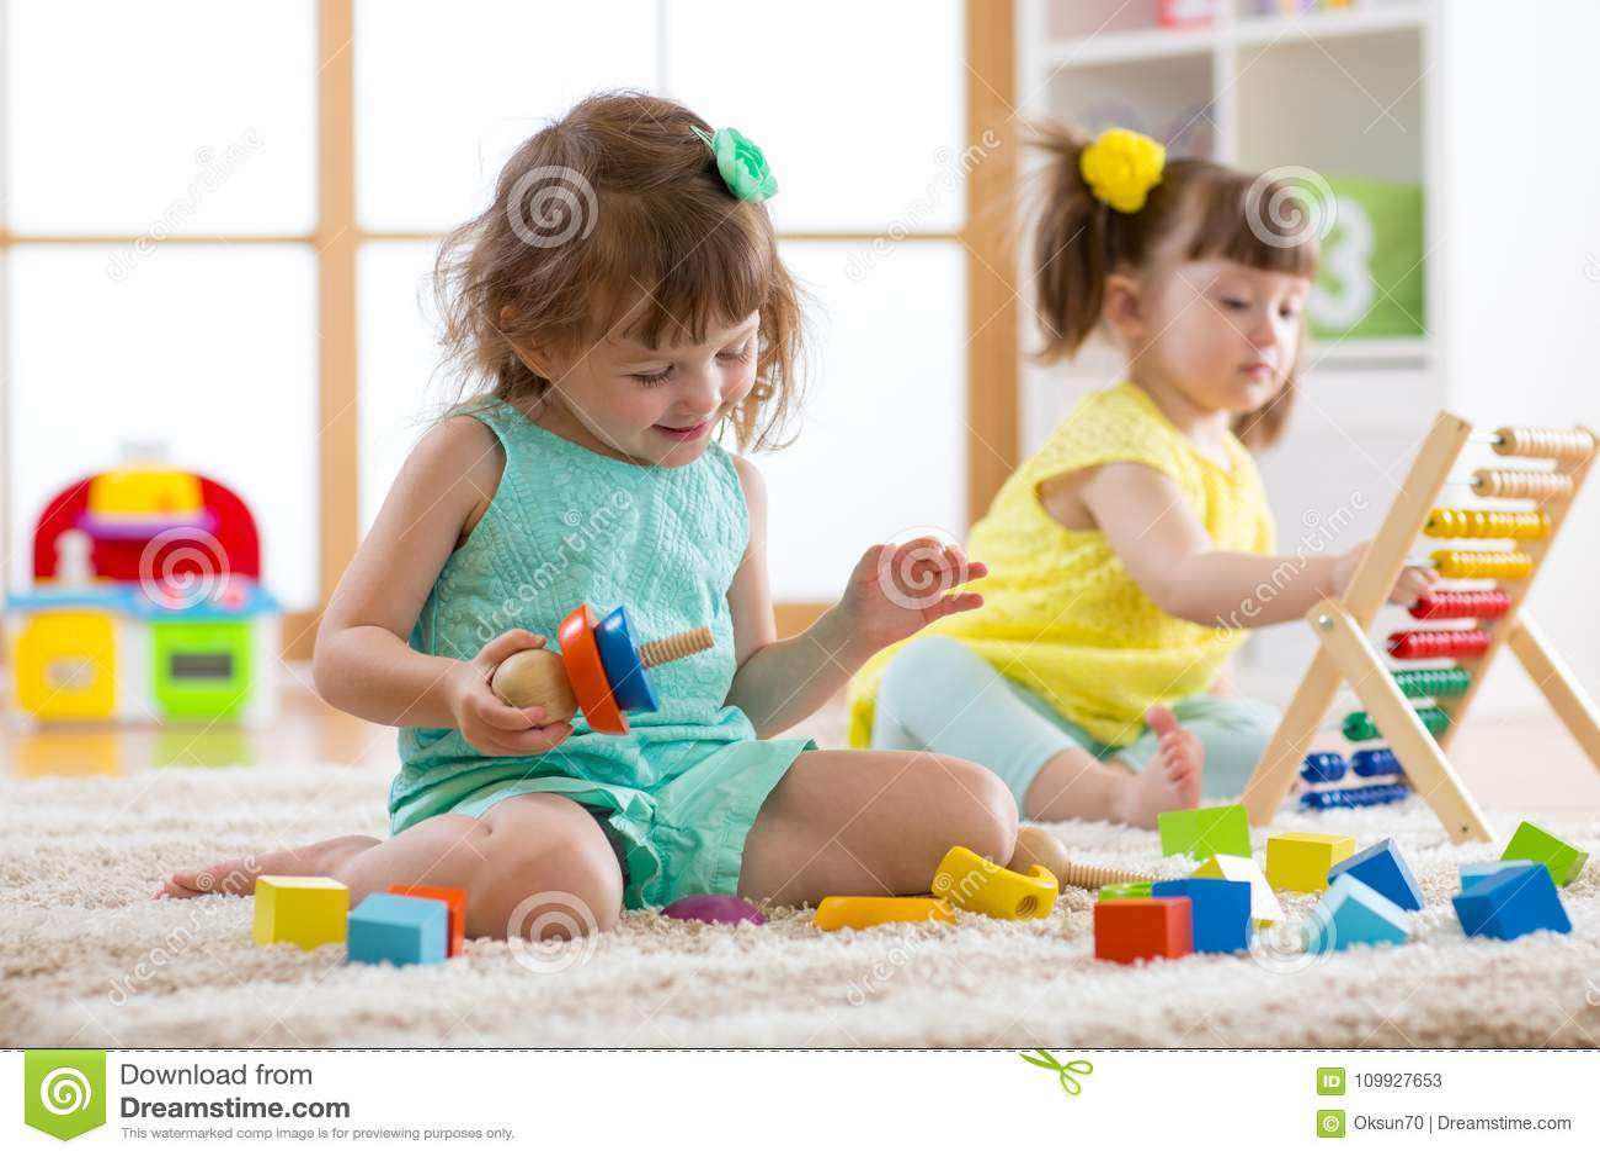 Les enfants s engagent dans la garde Deux enfants d enfant en bas âge jouant avec les jouets éducatifs dans le jardin d enfants